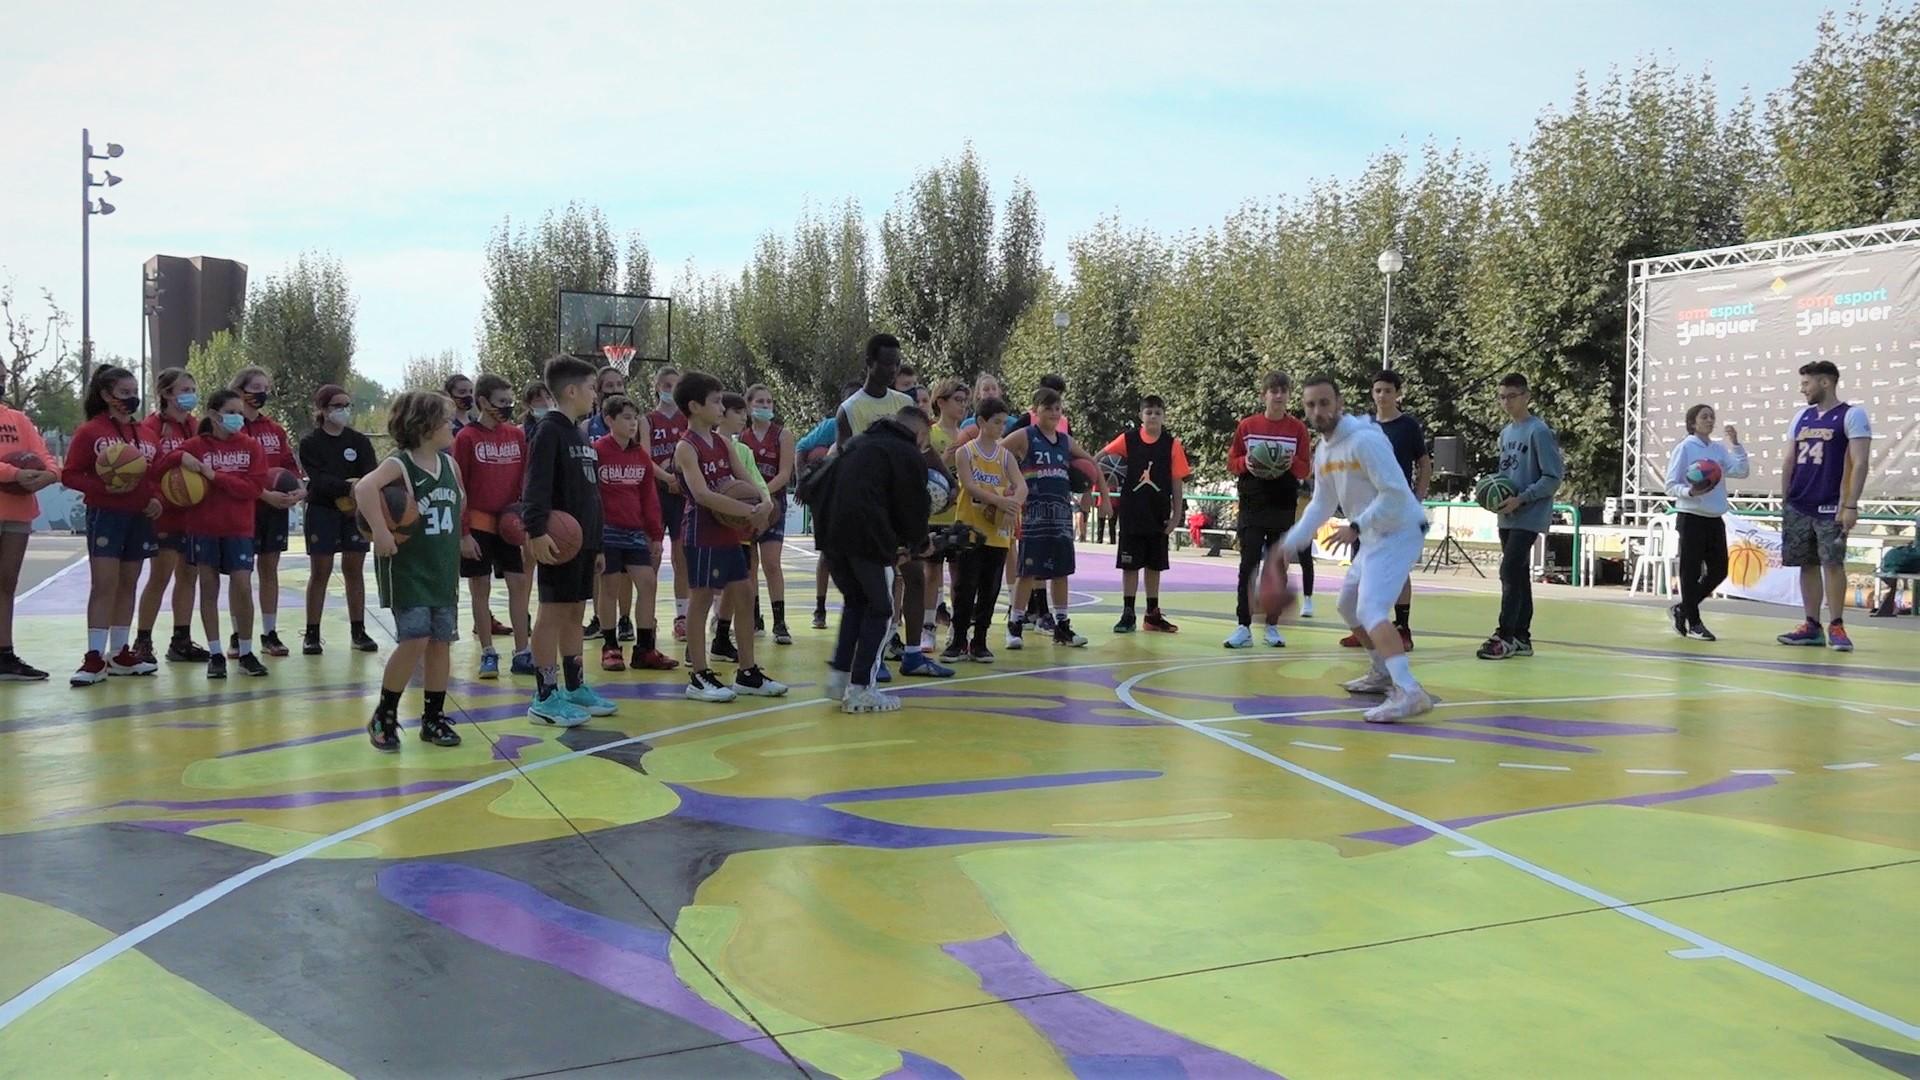 Clínic de Dario Naharro i Raquel Méndez per inaugurar la pista de Kobe Bryant a Balaguer